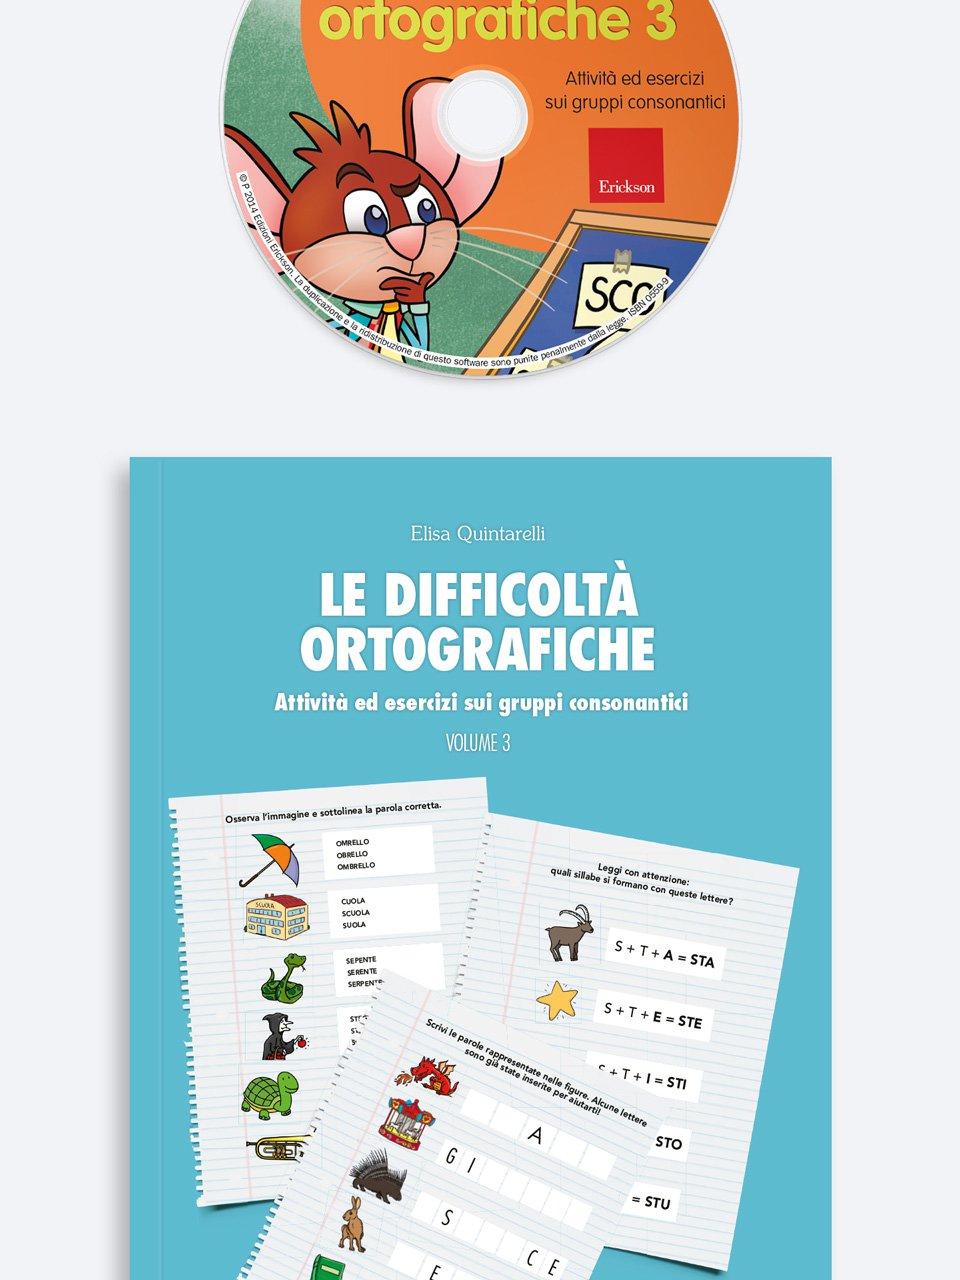 Le difficoltà ortografiche - Volume 3 - Schede per Tablotto (6-8 anni) - Grammatica incant - Giochi - Erickson 3